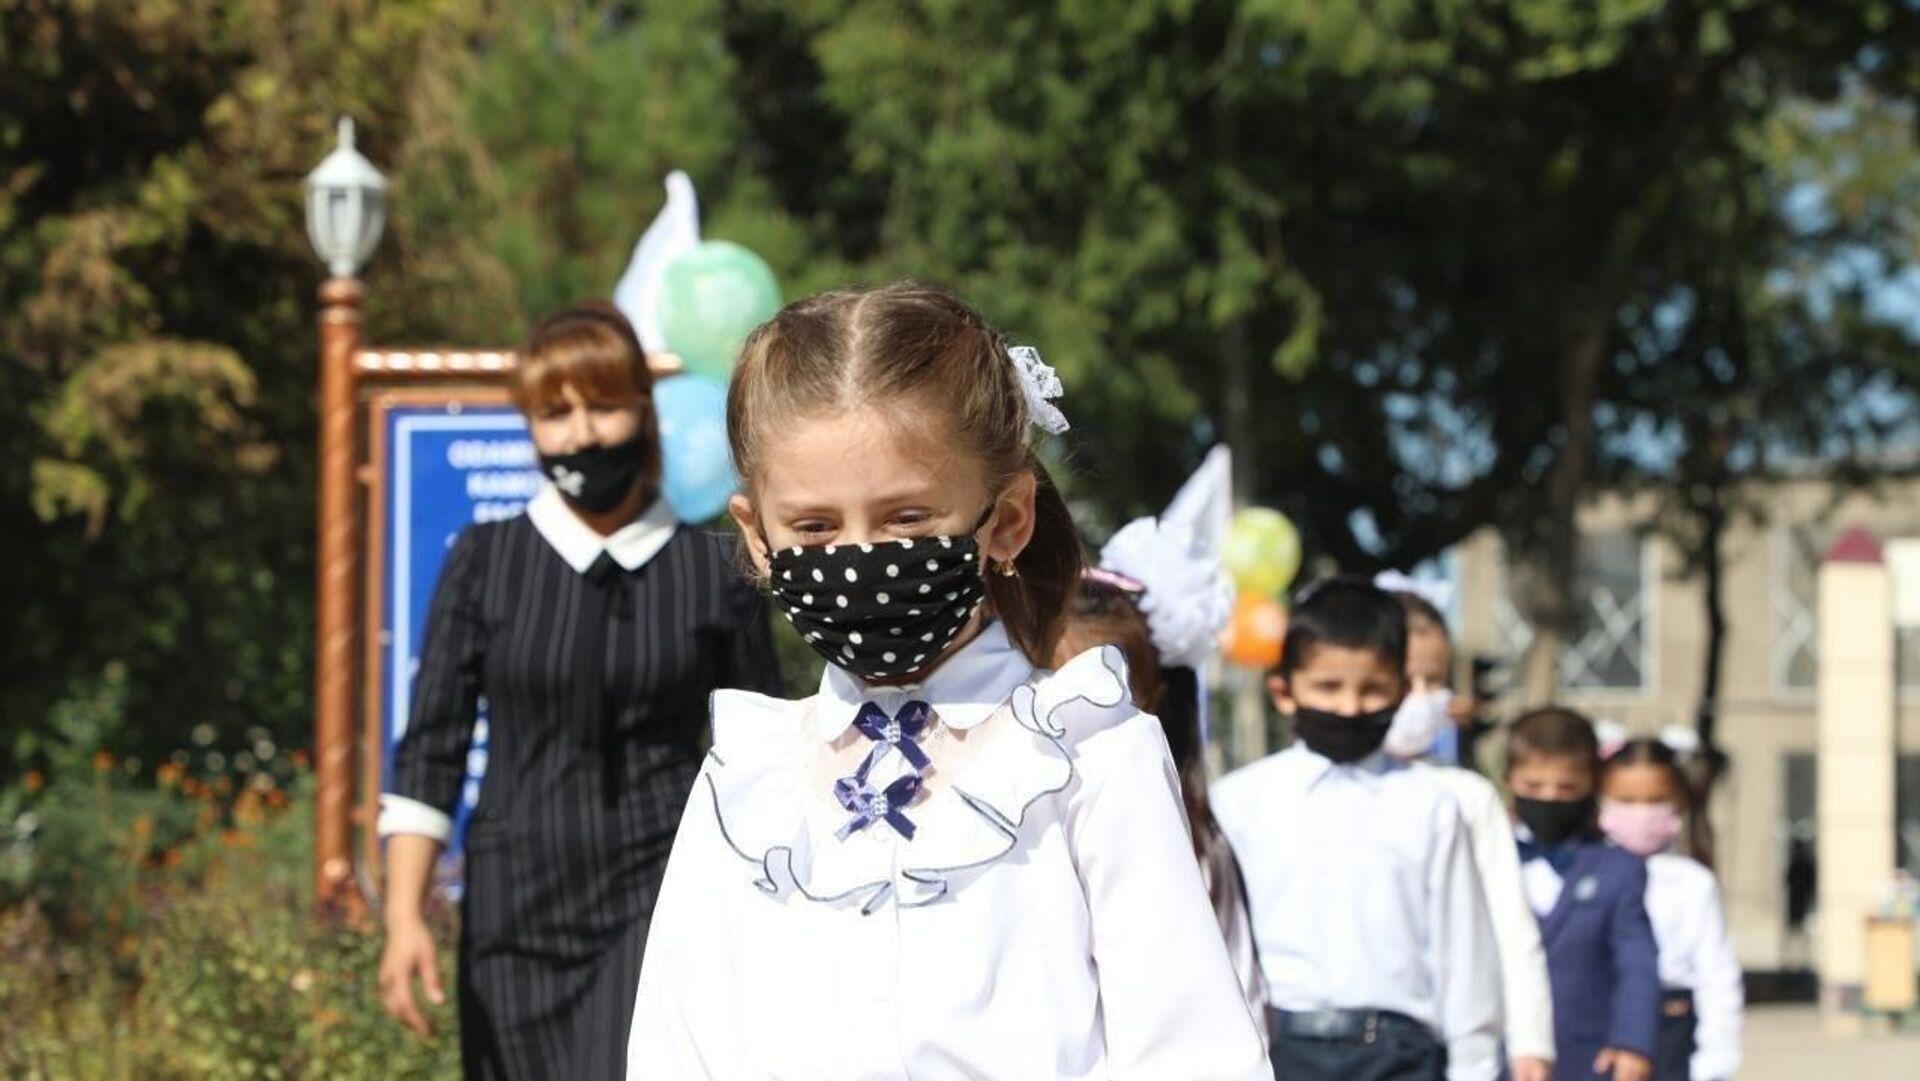 Школьники Узбекистана - Sputnik Узбекистан, 1920, 22.07.2021